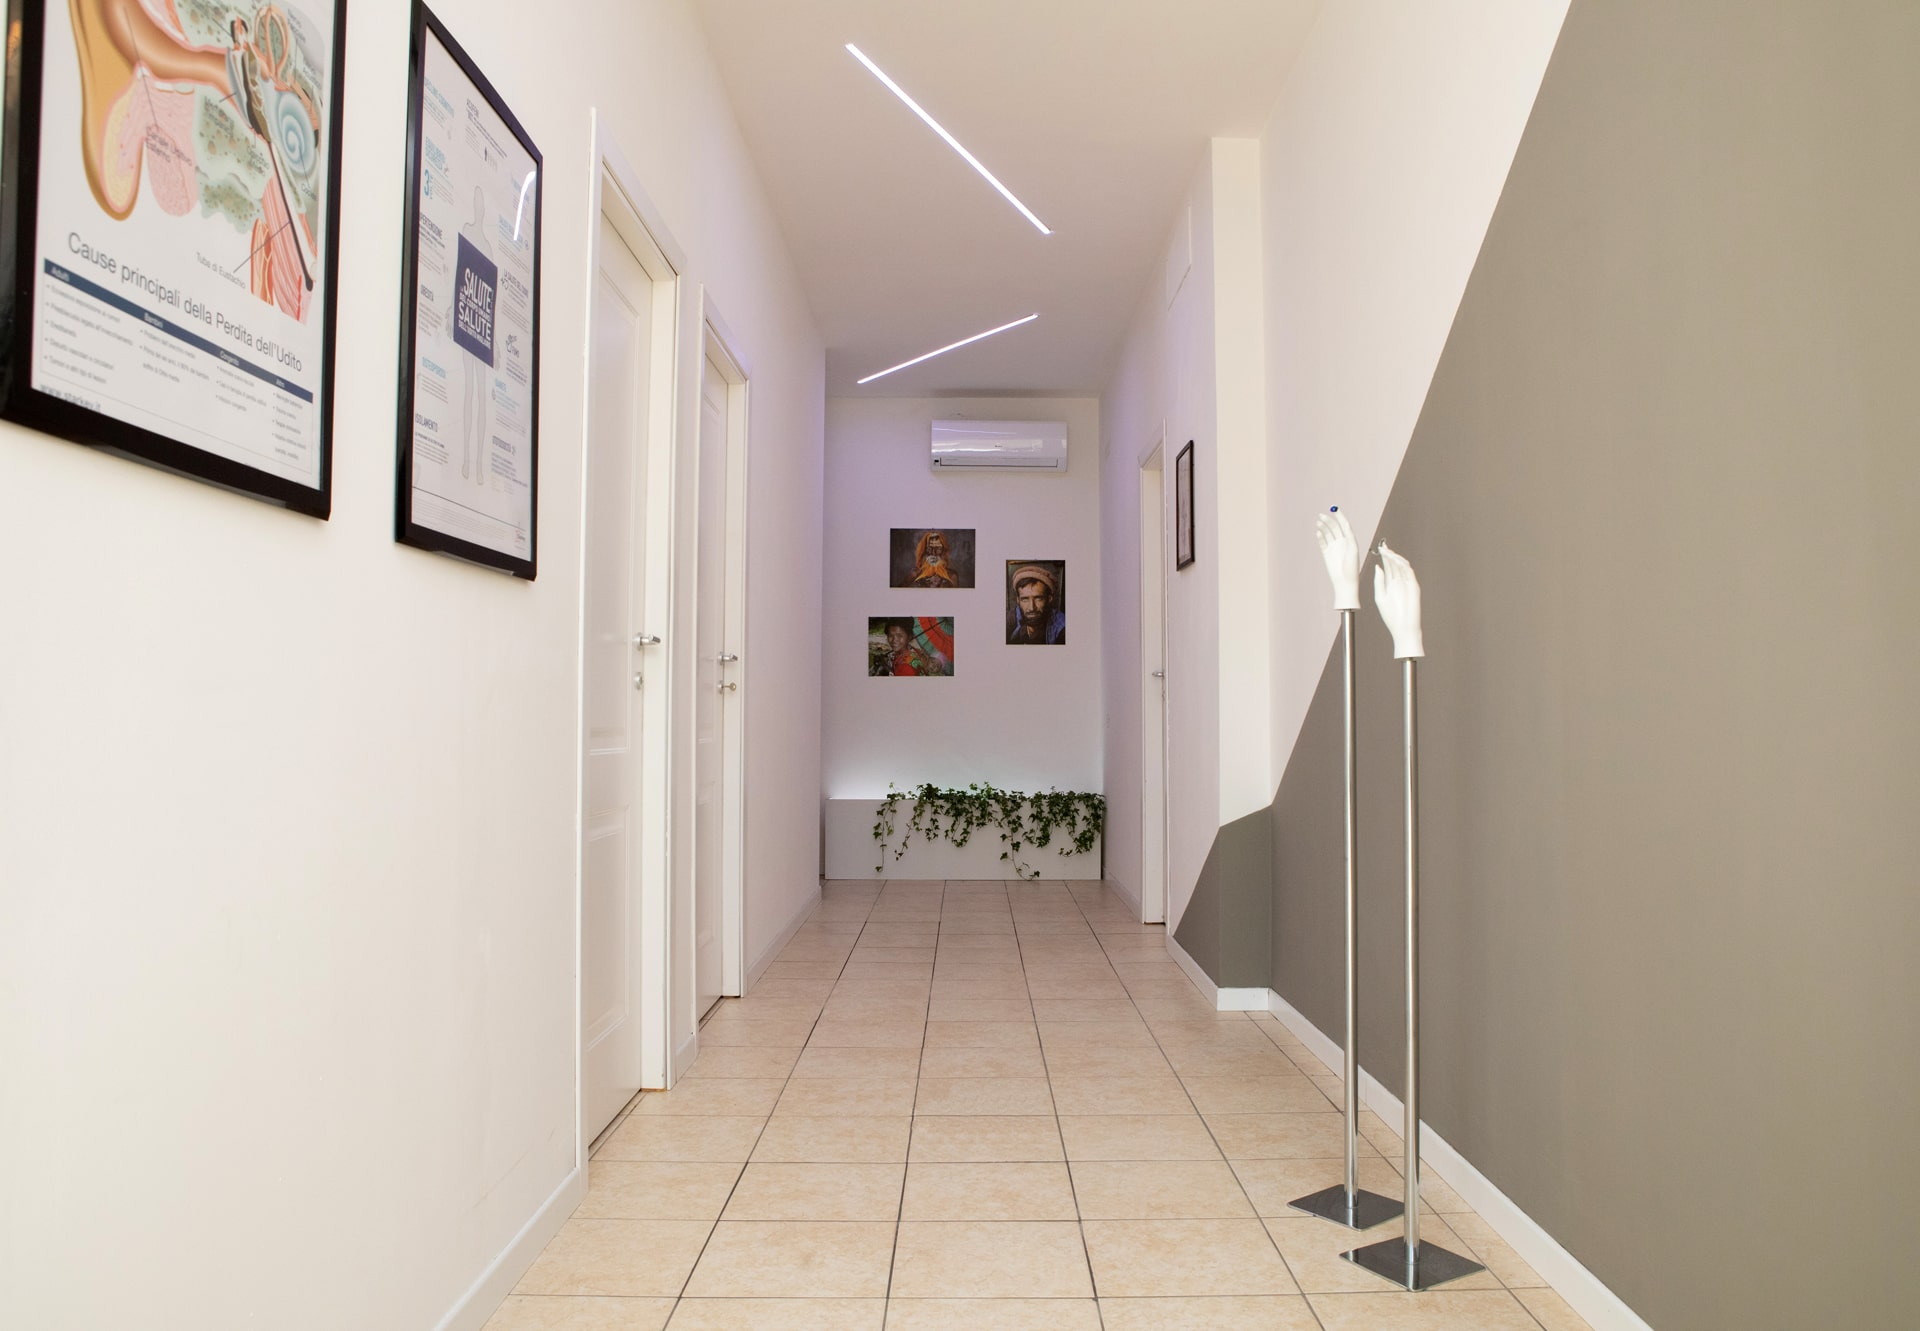 Centro acustico Sonoor a San Benedetto del Tronto, apparecchi acustici, problemi di sordità, protesi acustiche e acufene.